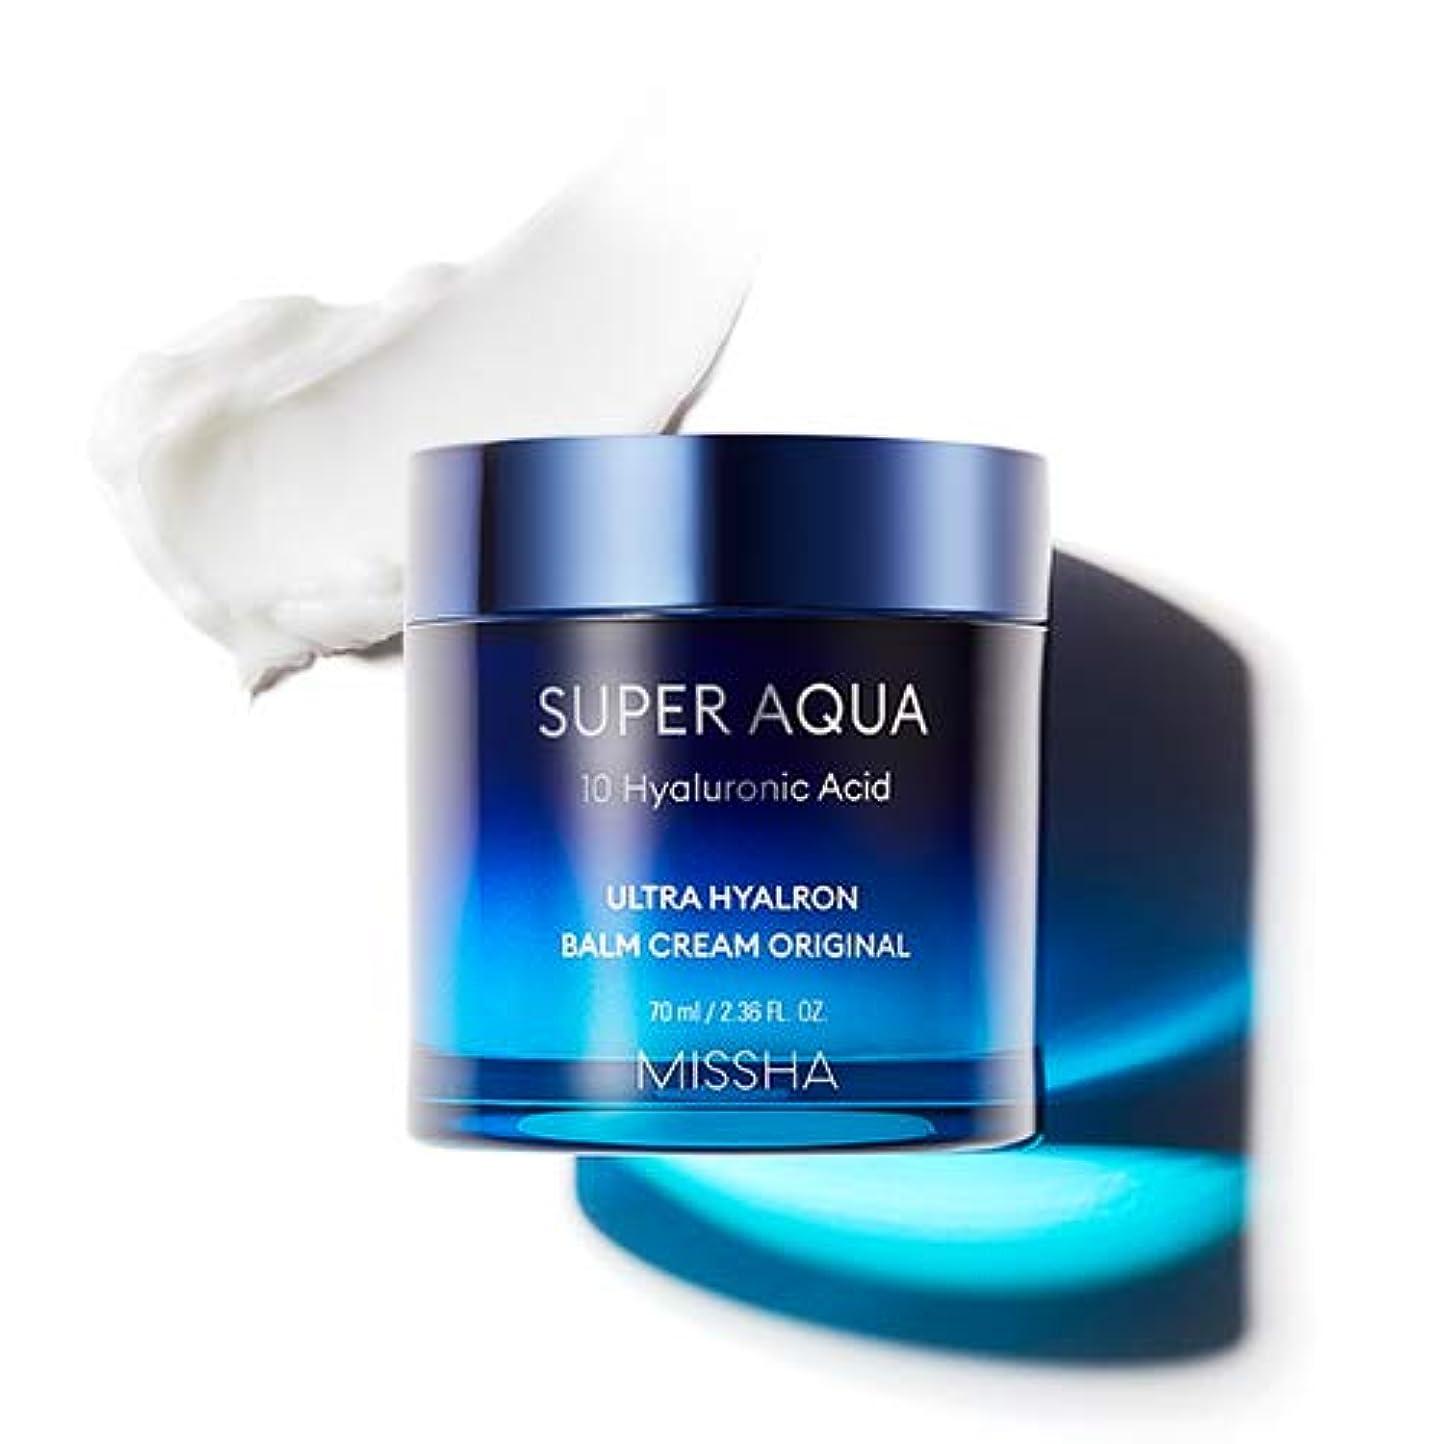 インデックスのみシチリアMISSHA Super Aqua Ultra Hyalron Balm Cream Original ミシャ スーパーアクア ウルトラ ヒアルロン バーム クリーム オリジナル 70ml [並行輸入品]